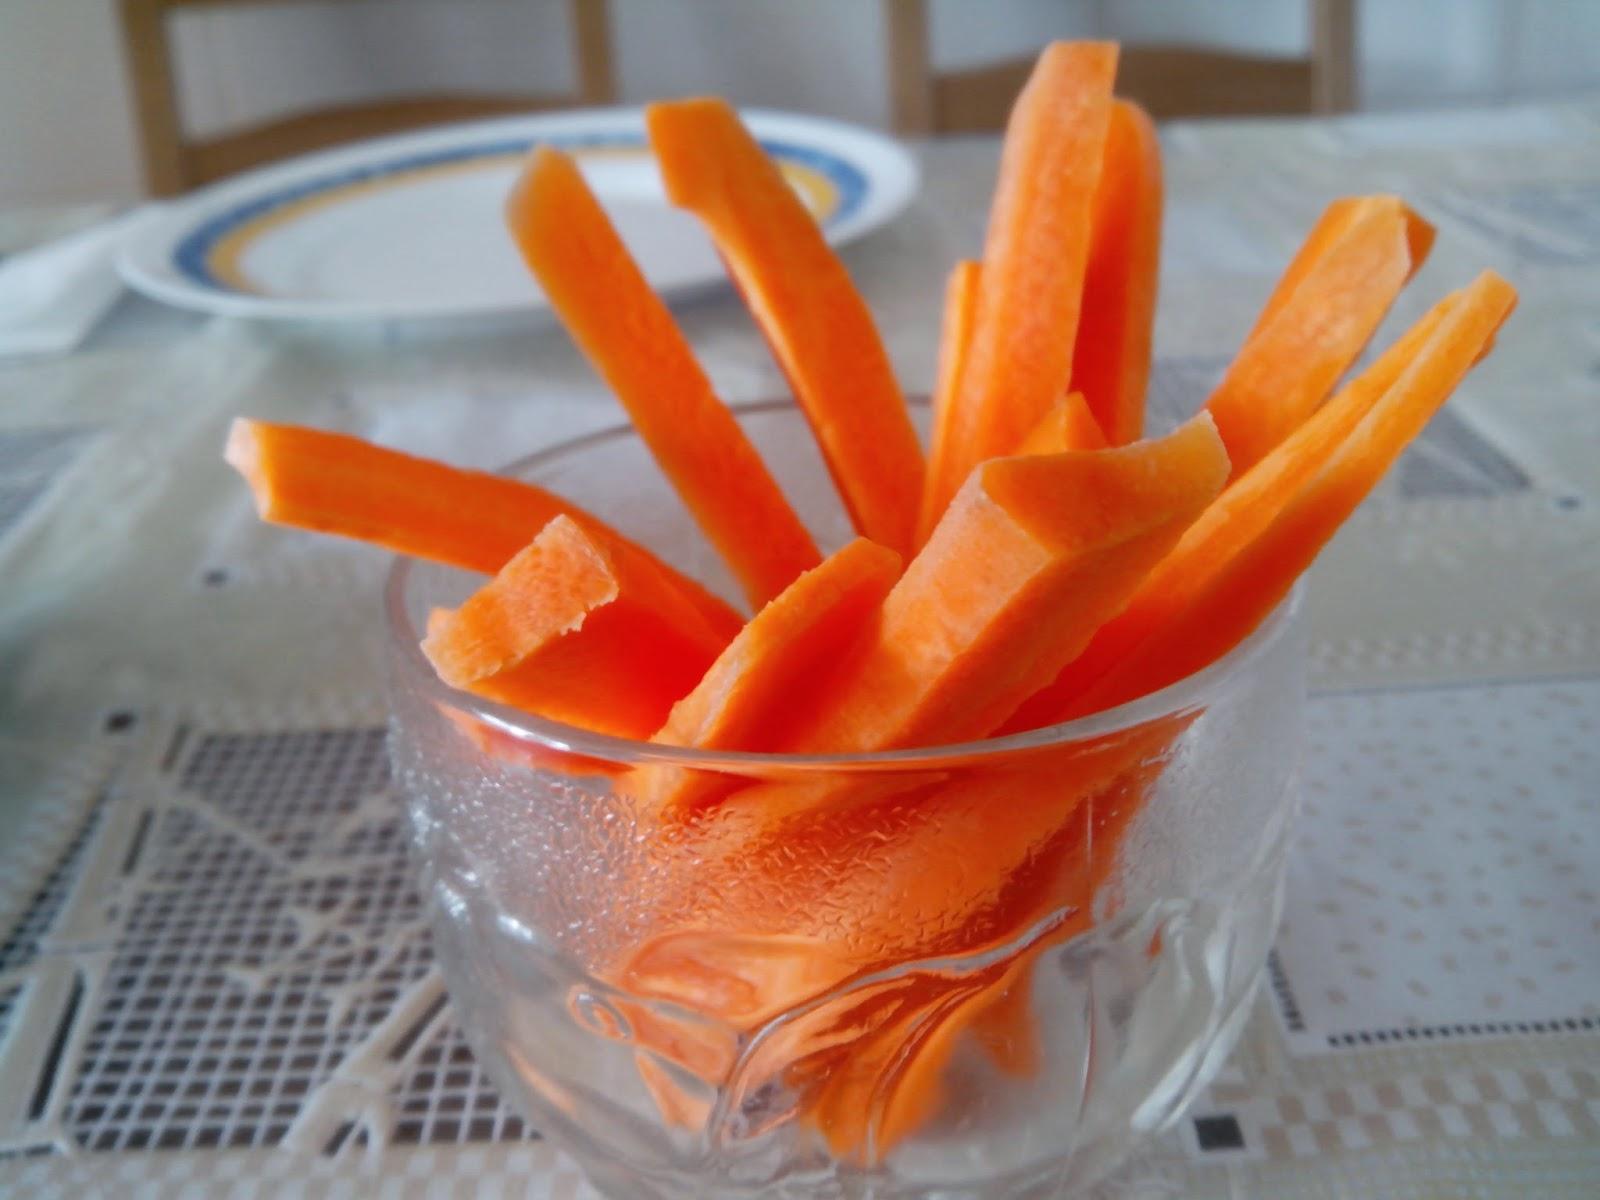 Fotografía snacks de zanahoria.